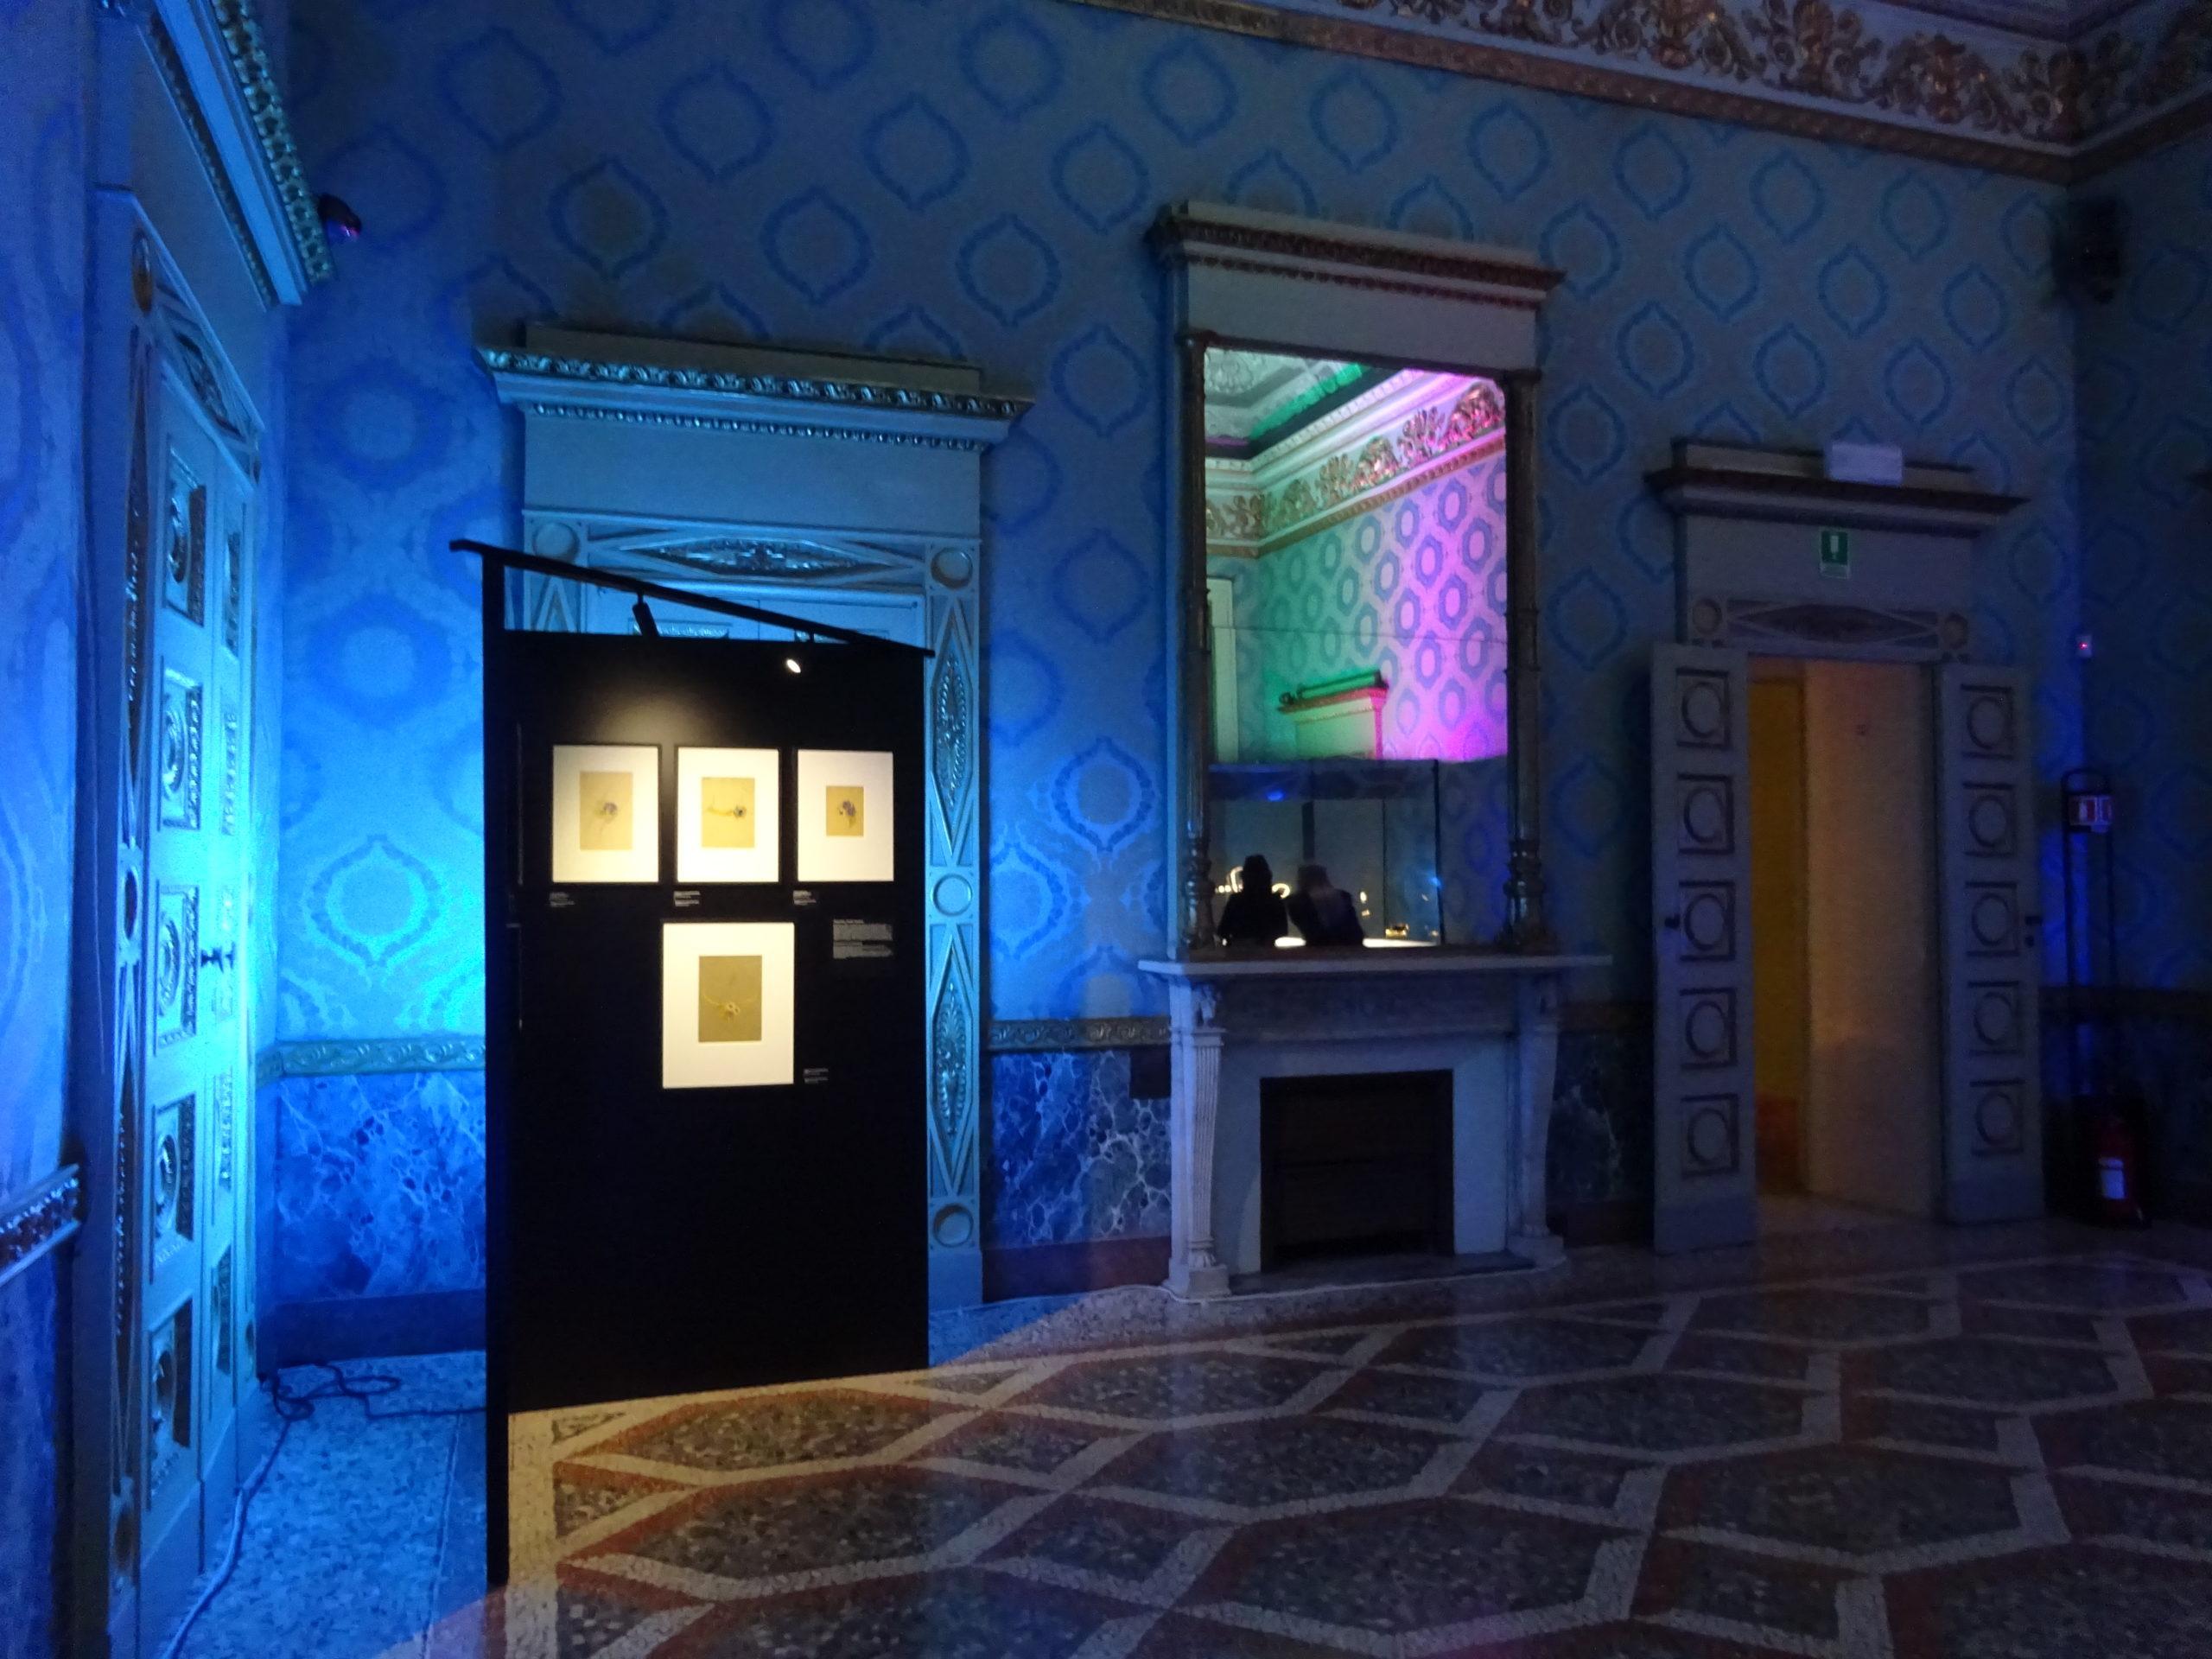 Tra la gioielleria e il design del prodotto. I capolavori di Van Cleef & Arpels a Palazzo Reale, Milano